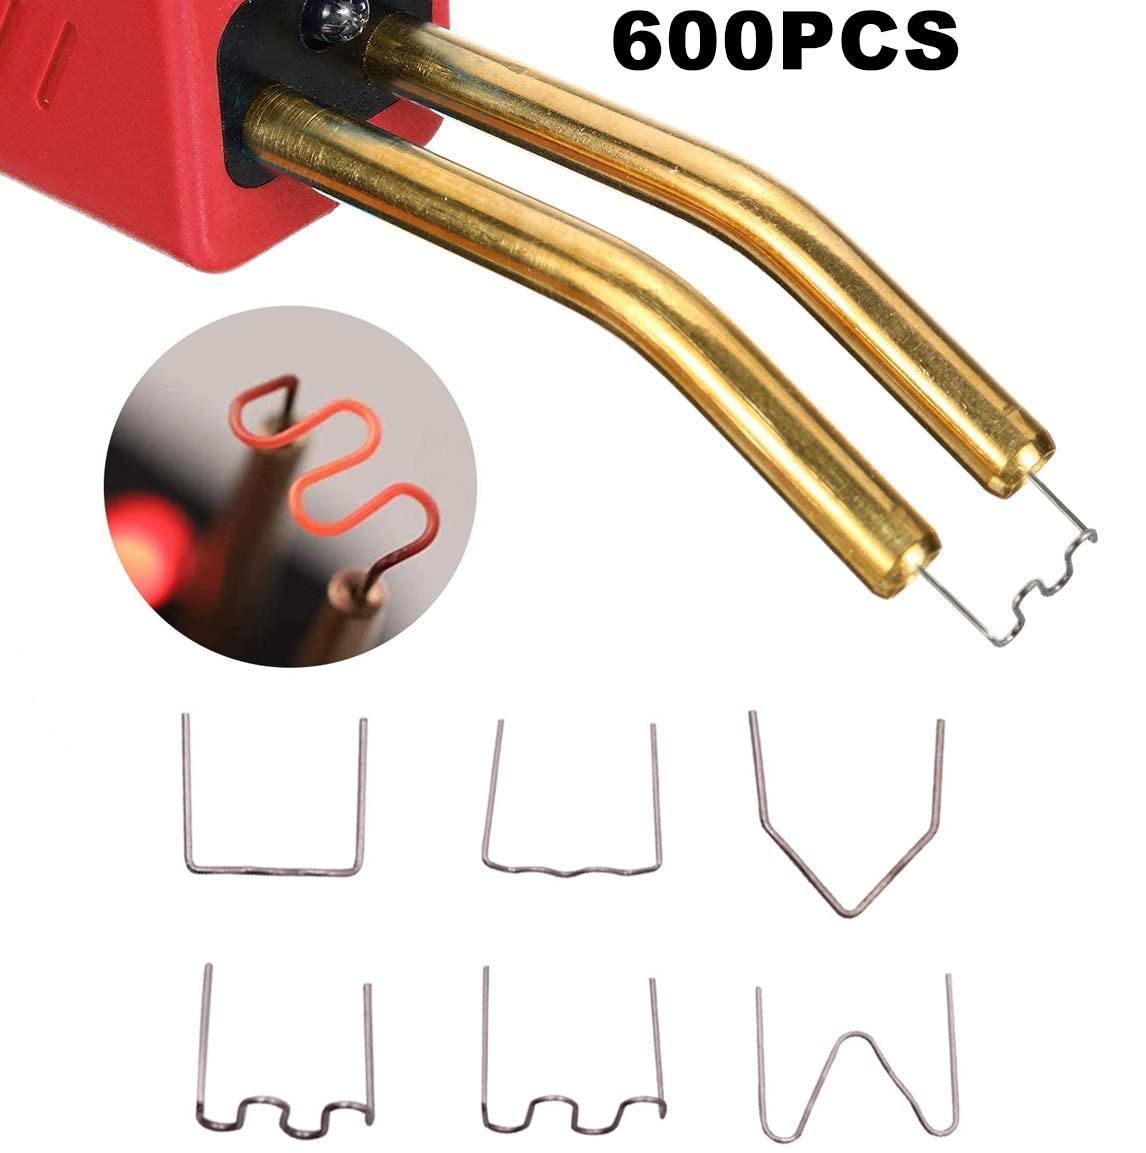 600 шт., насадки для вырезания автомобильных пластиковых бамперов, 0,6 мм и 0,8 мм